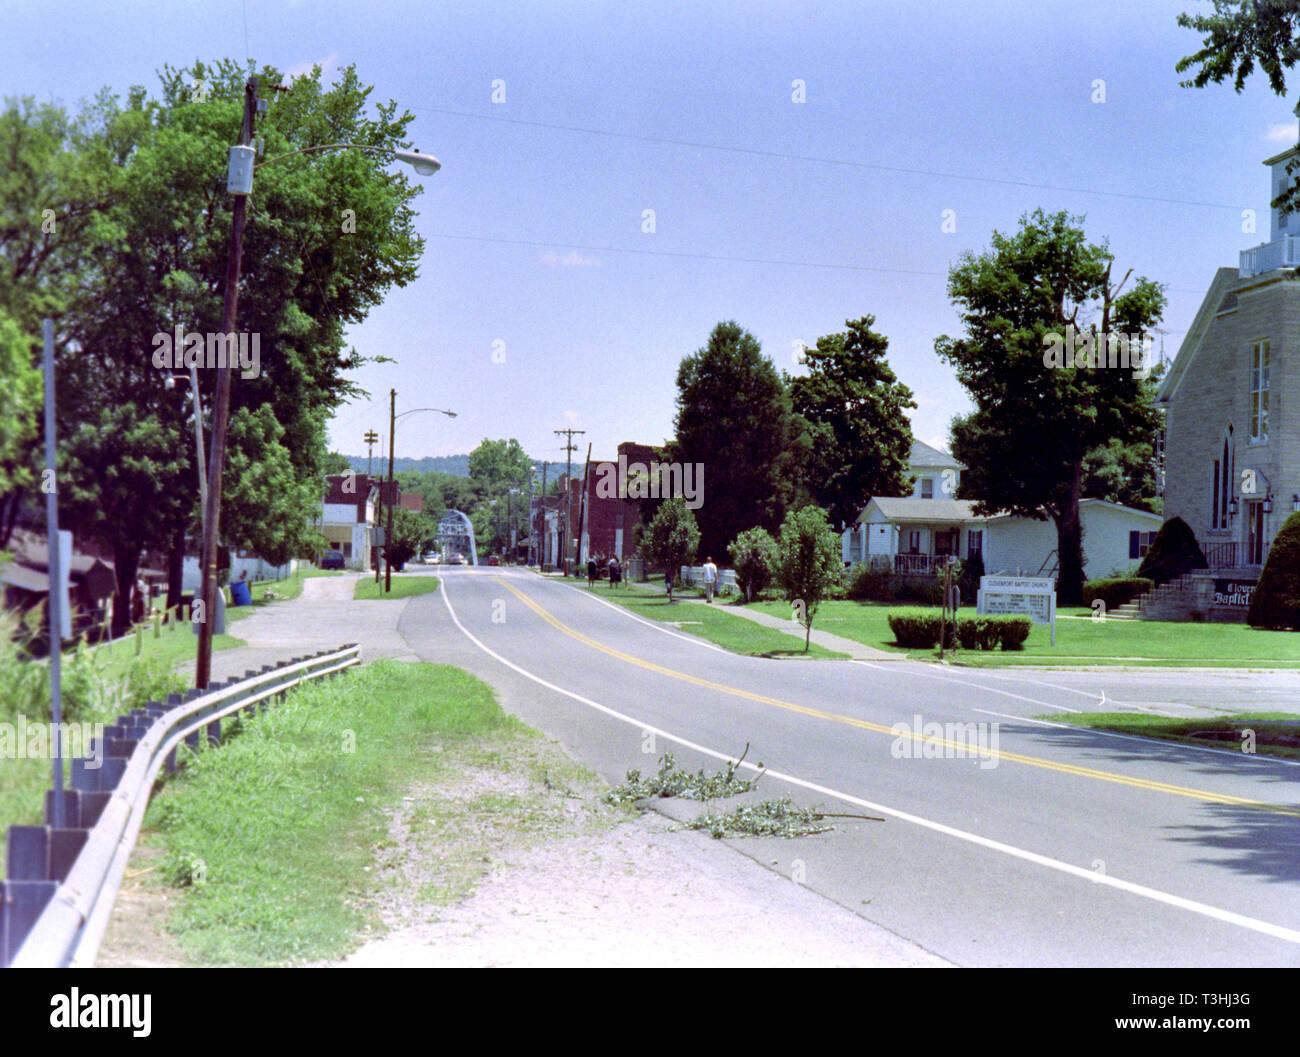 Cloverport Topix